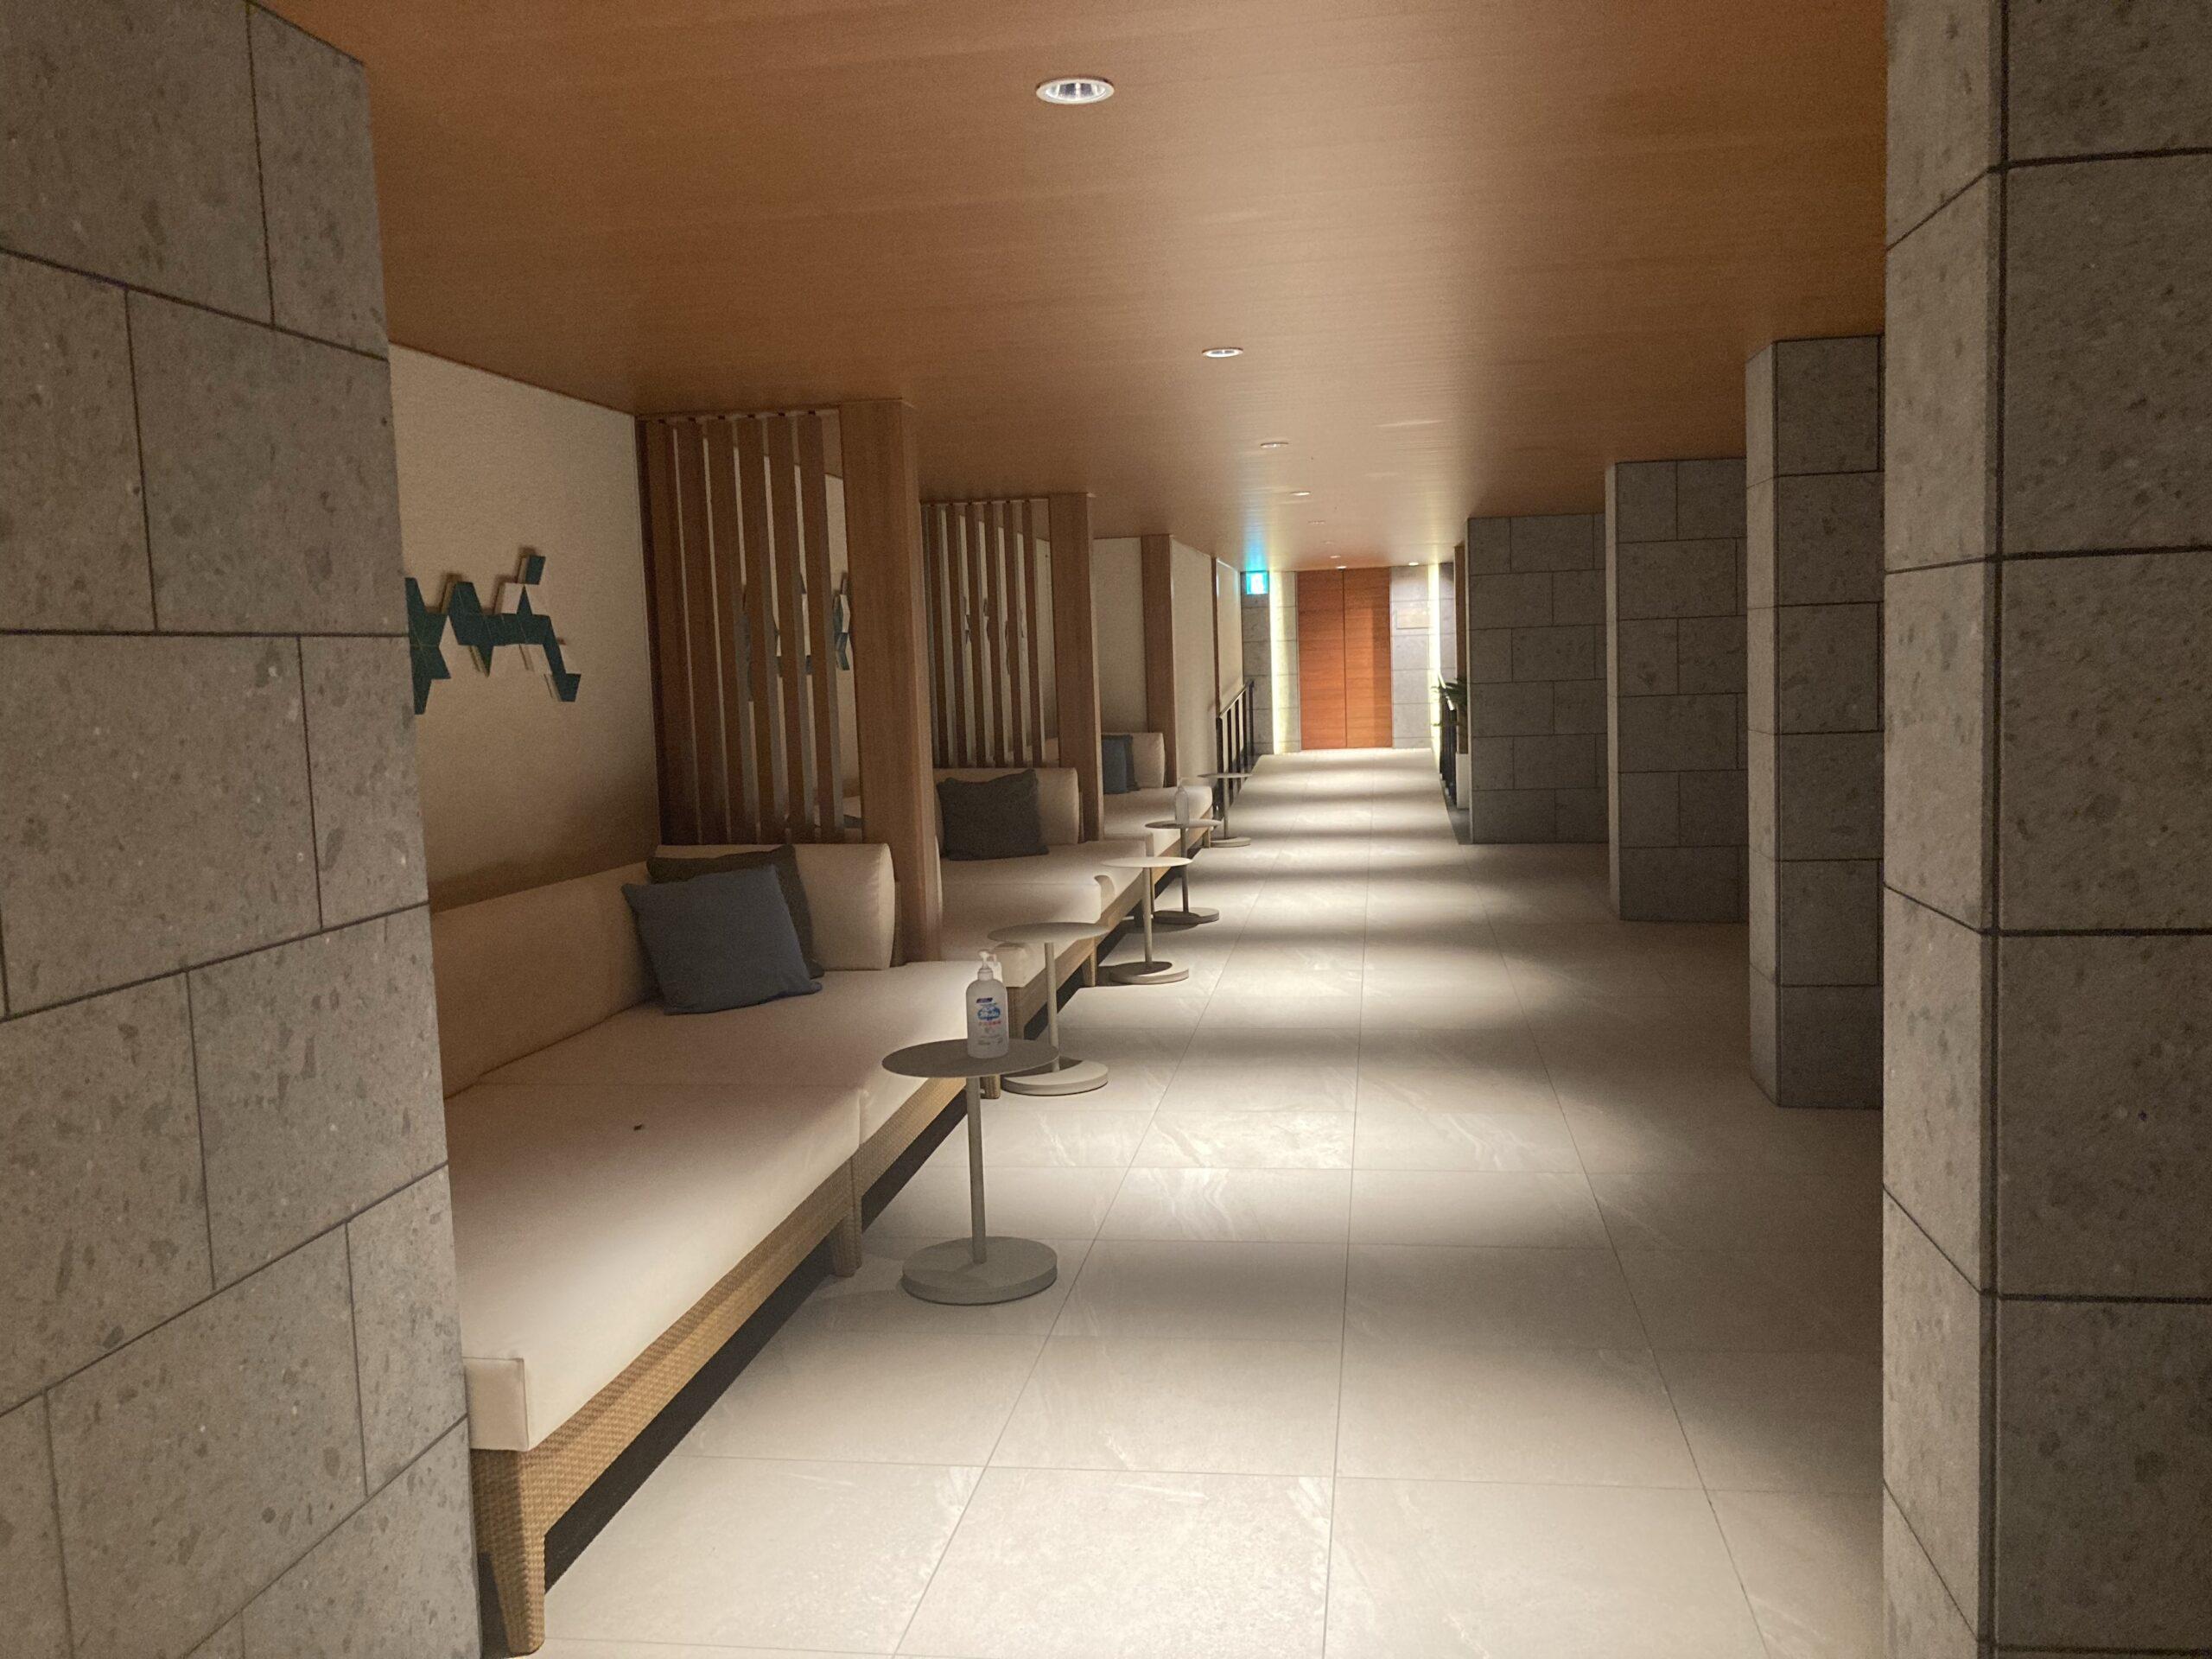 「伊豆ホテルリゾート&スパ」アクアブリッジの写真